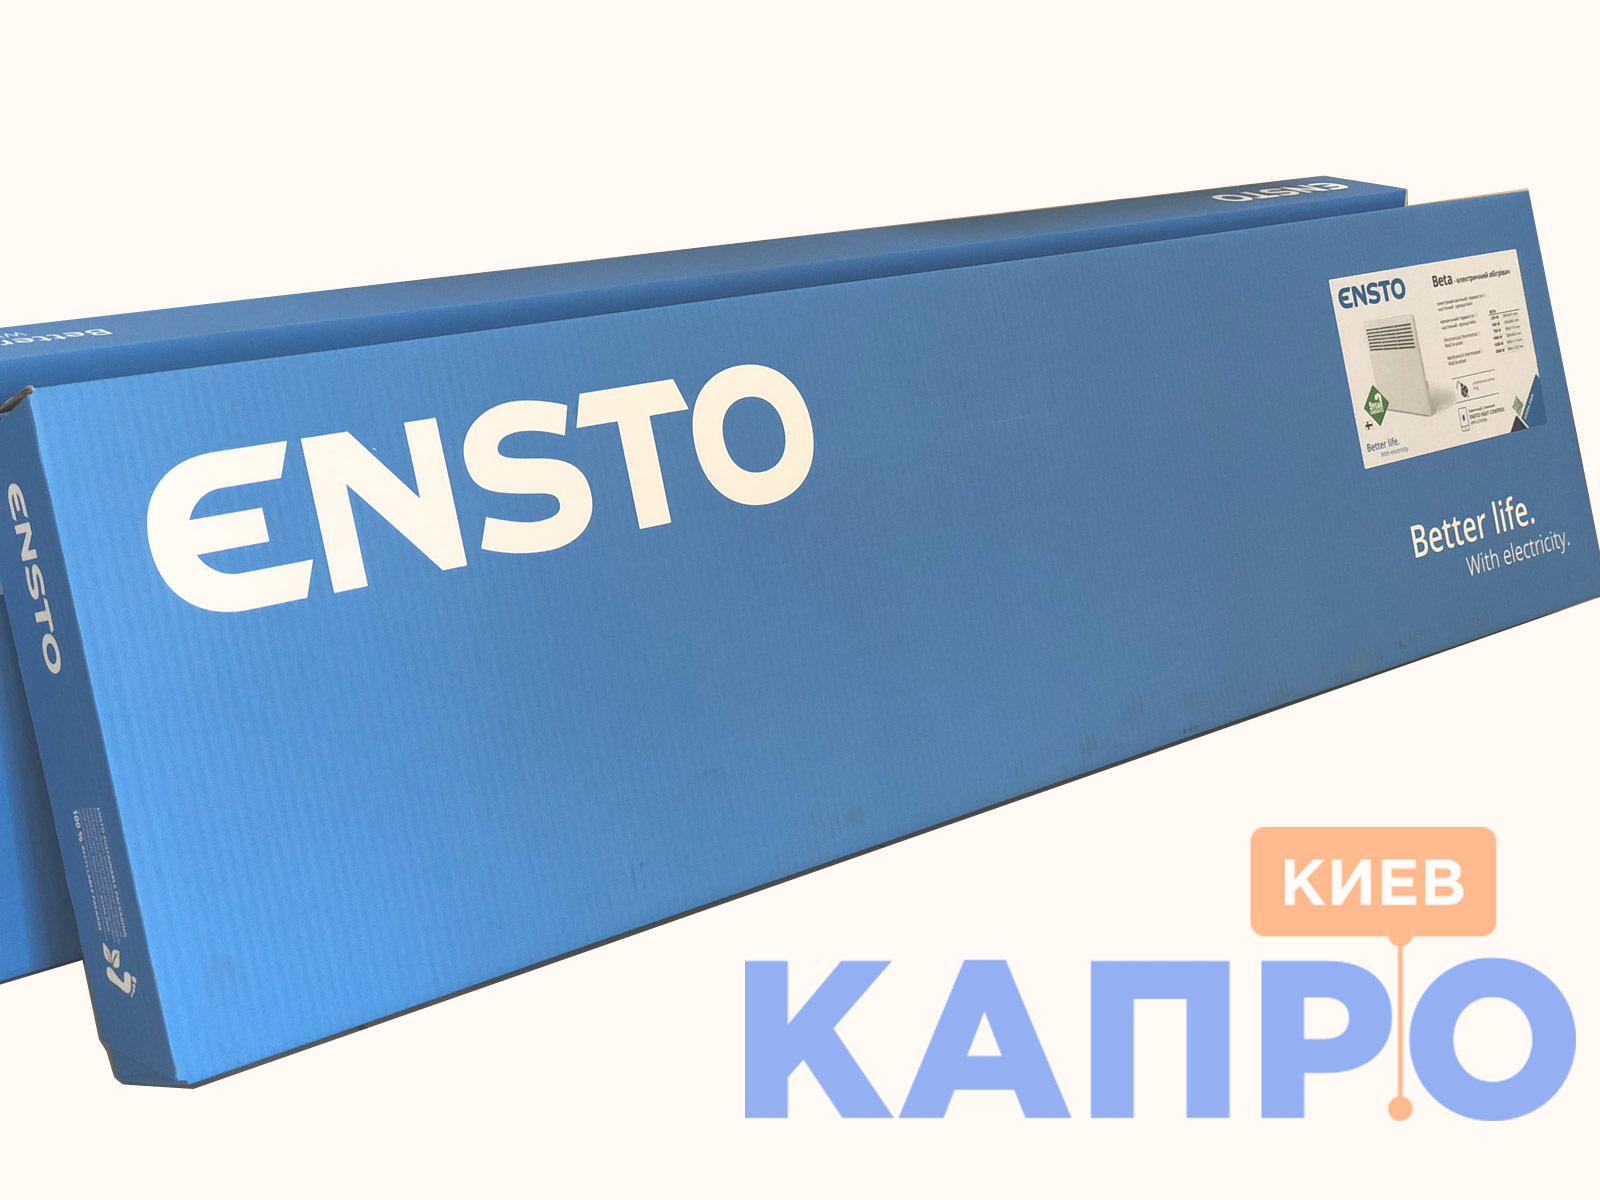 Электрические финские конвекторы ensto